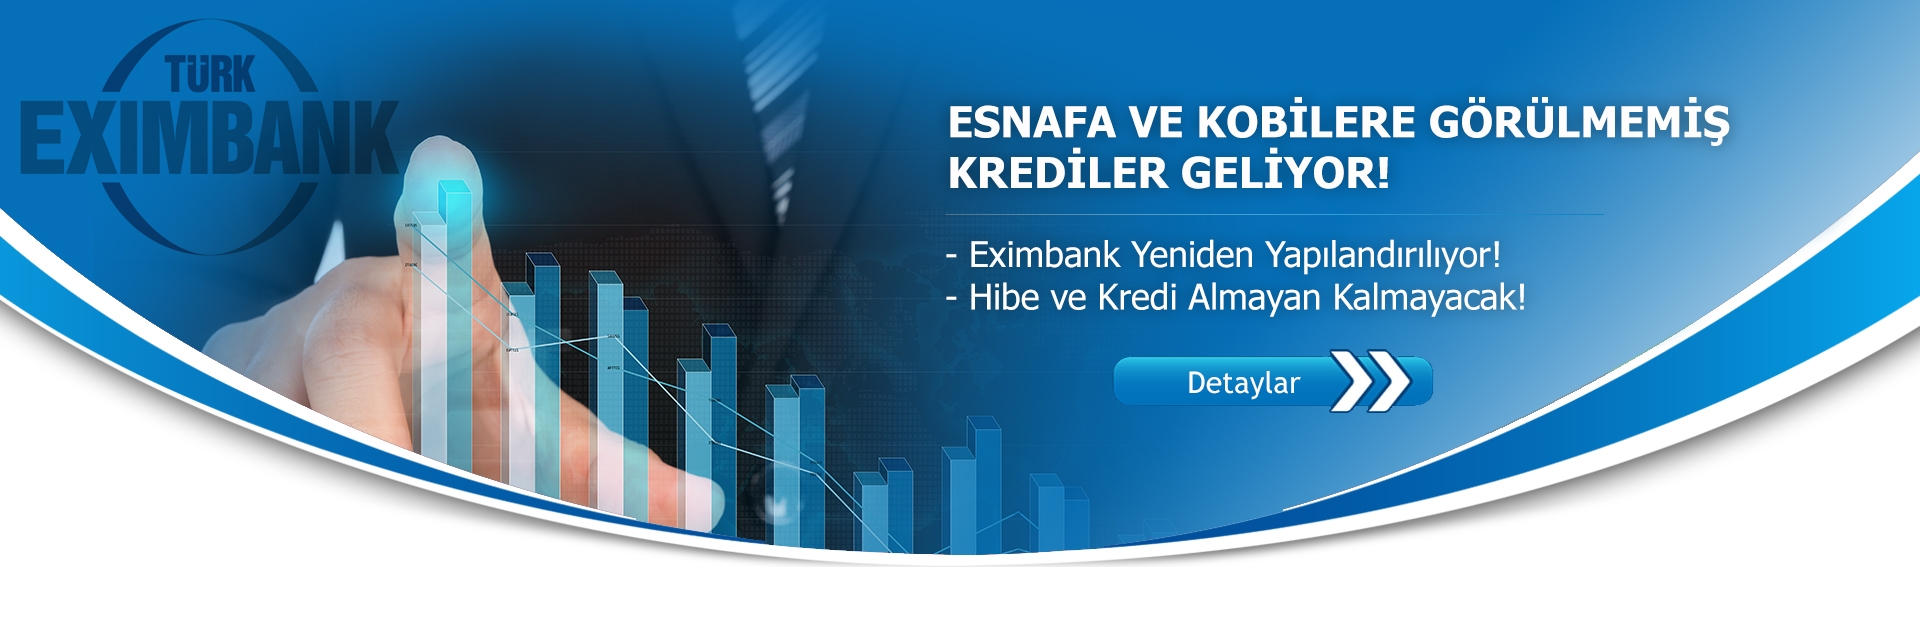 İşletme kredisi koşullarında hizmet alanlarında fiyatlandırma